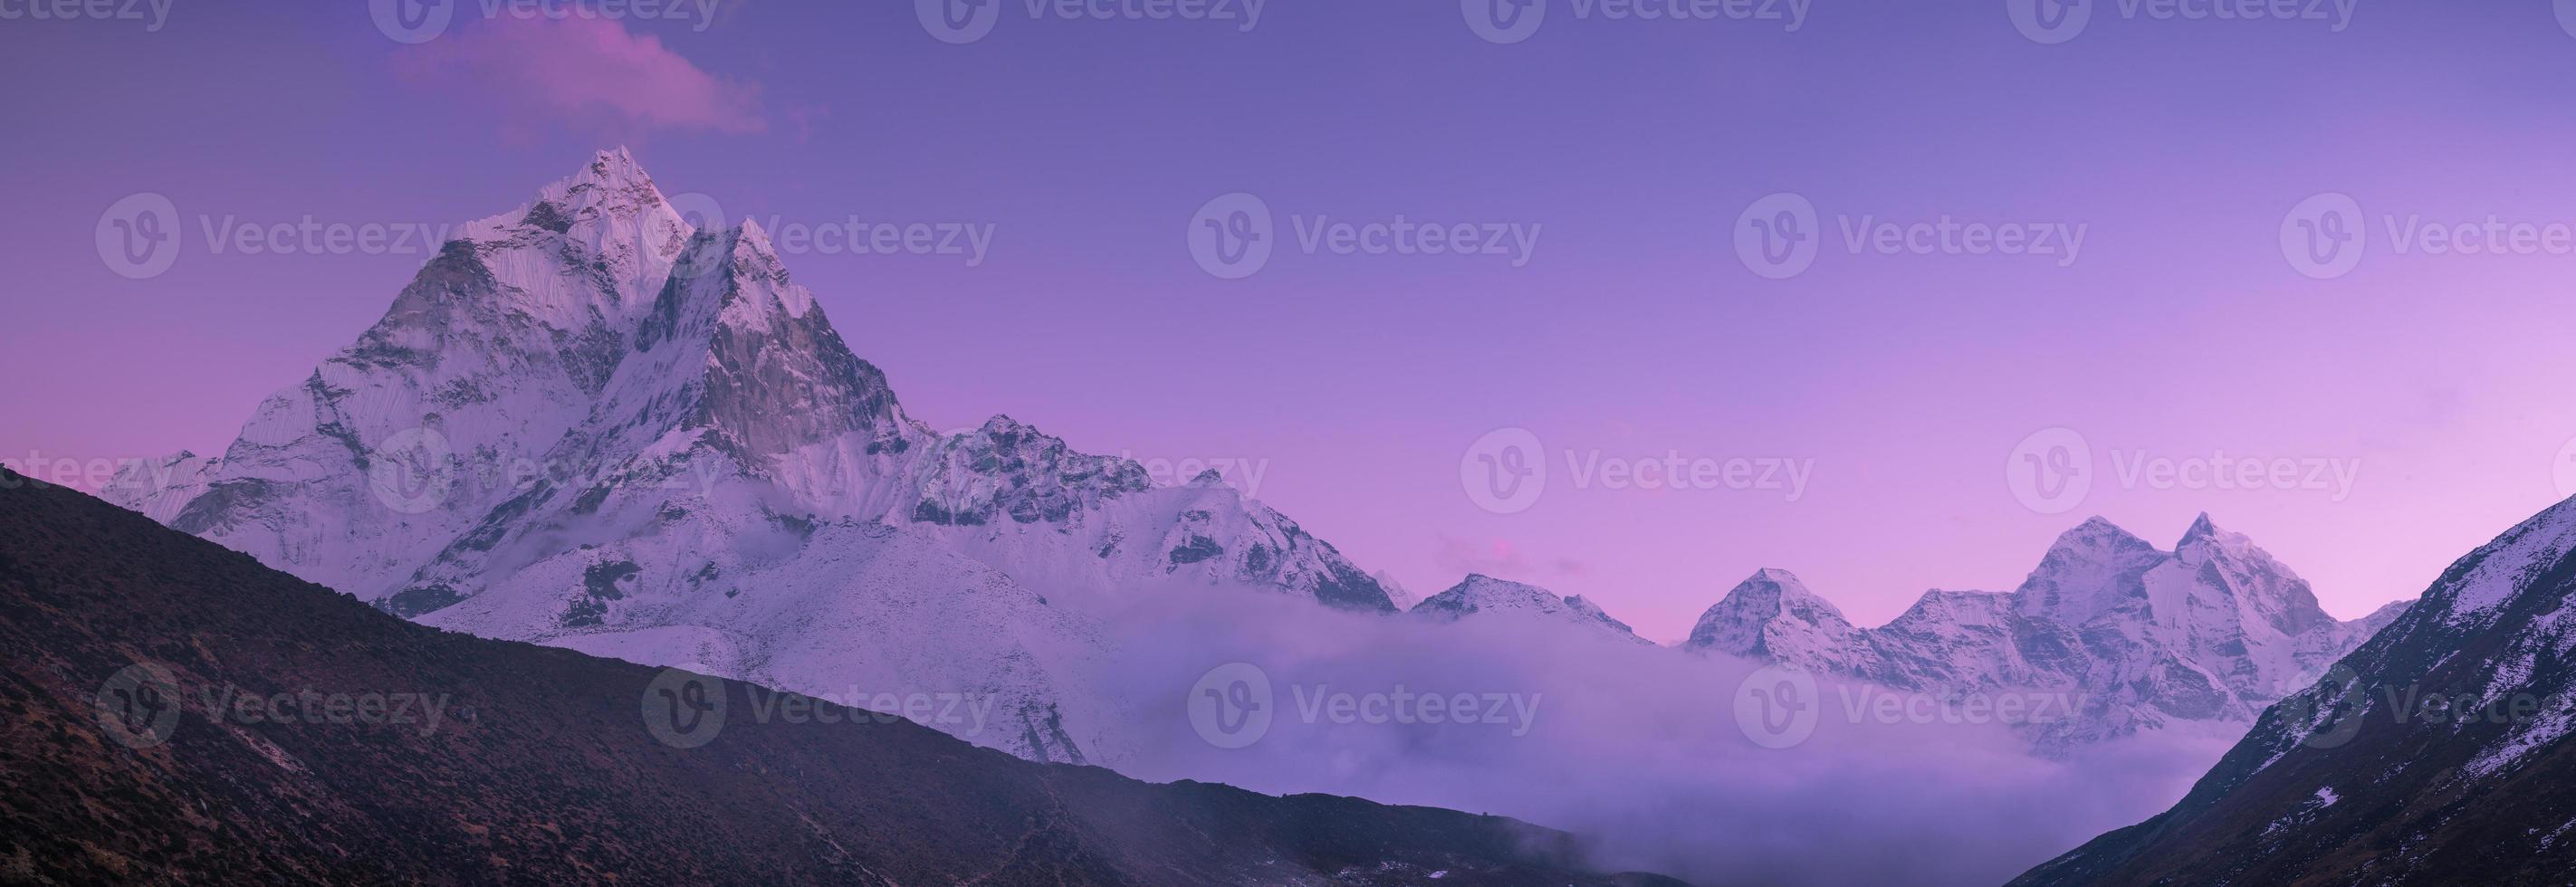 Ama Dablam Peak und lila Sonnenuntergang in Himalaya foto